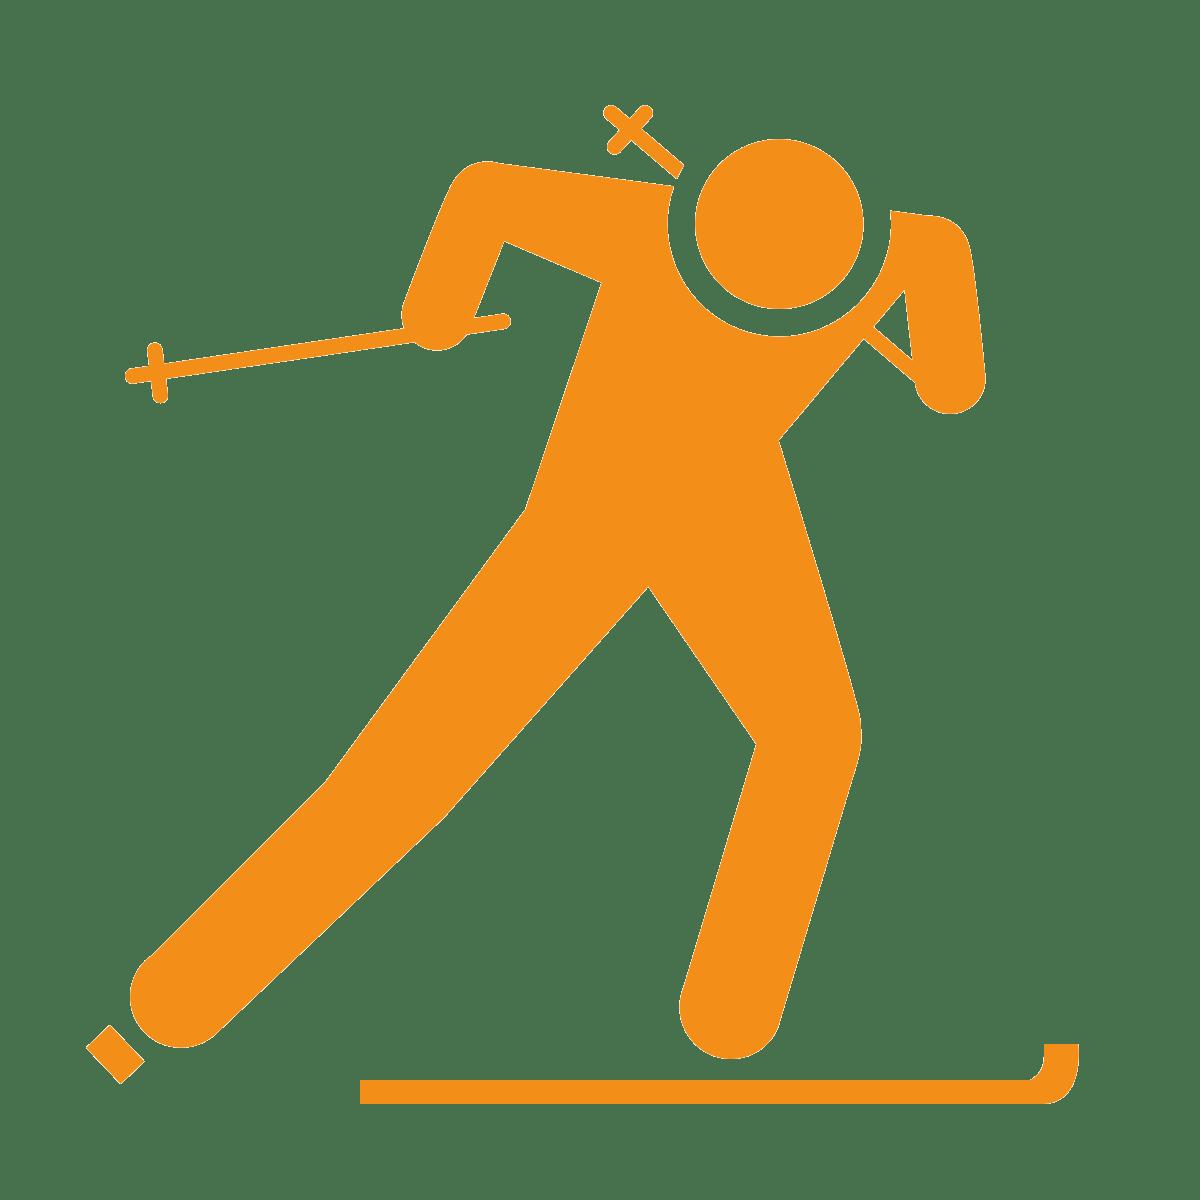 CSU Coaches – CSU Juniors Nordic Ski Team clipart black and white